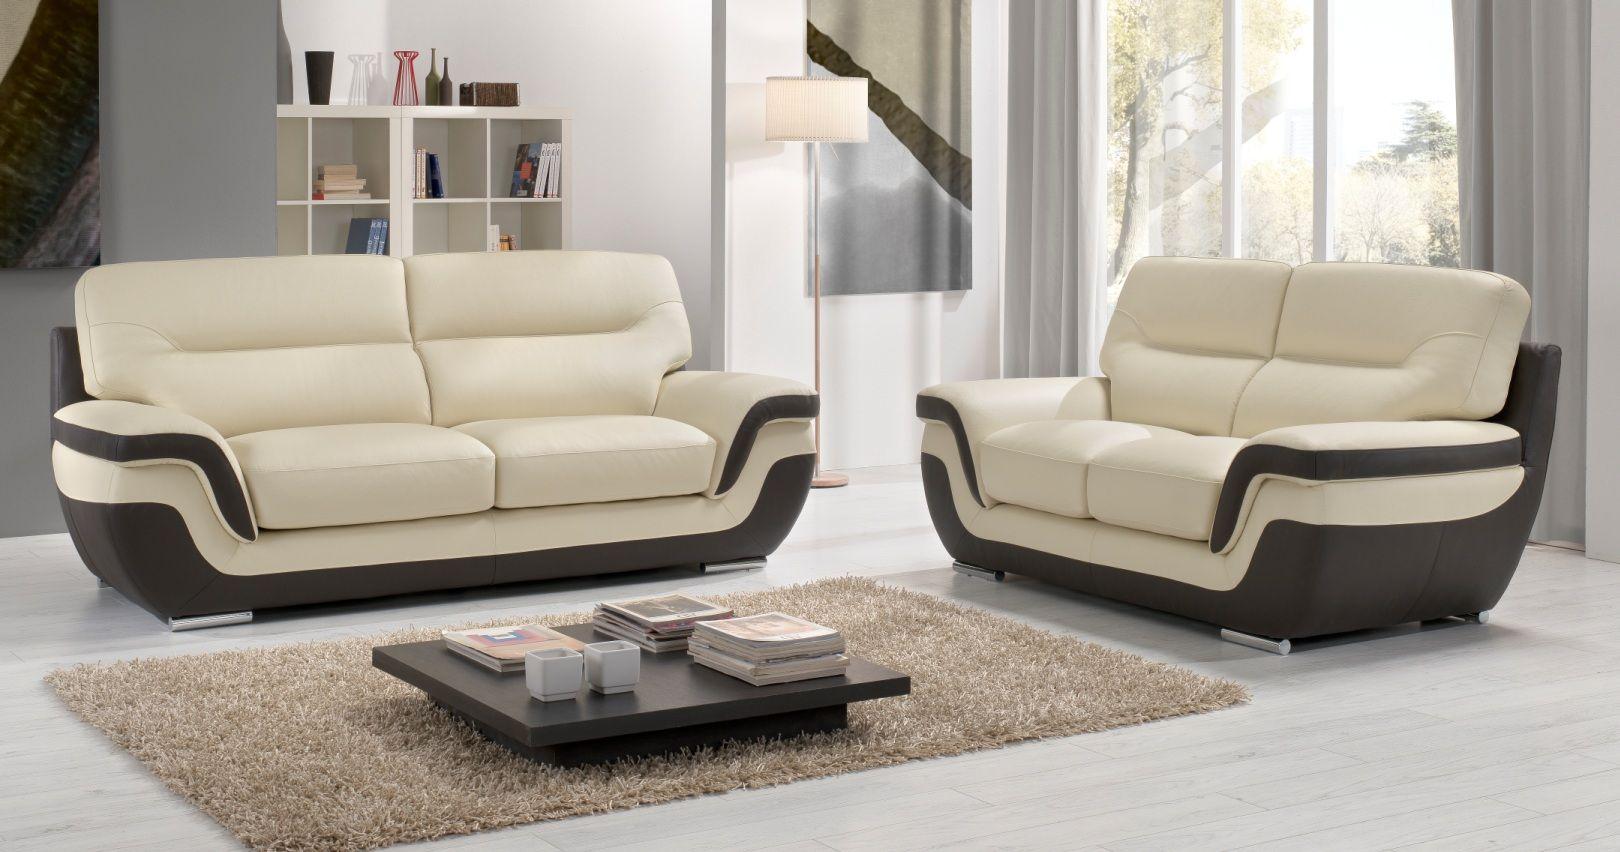 canapé RODRIGUE Salon 3 2 Cuir Design Italienpersonnalisable sur